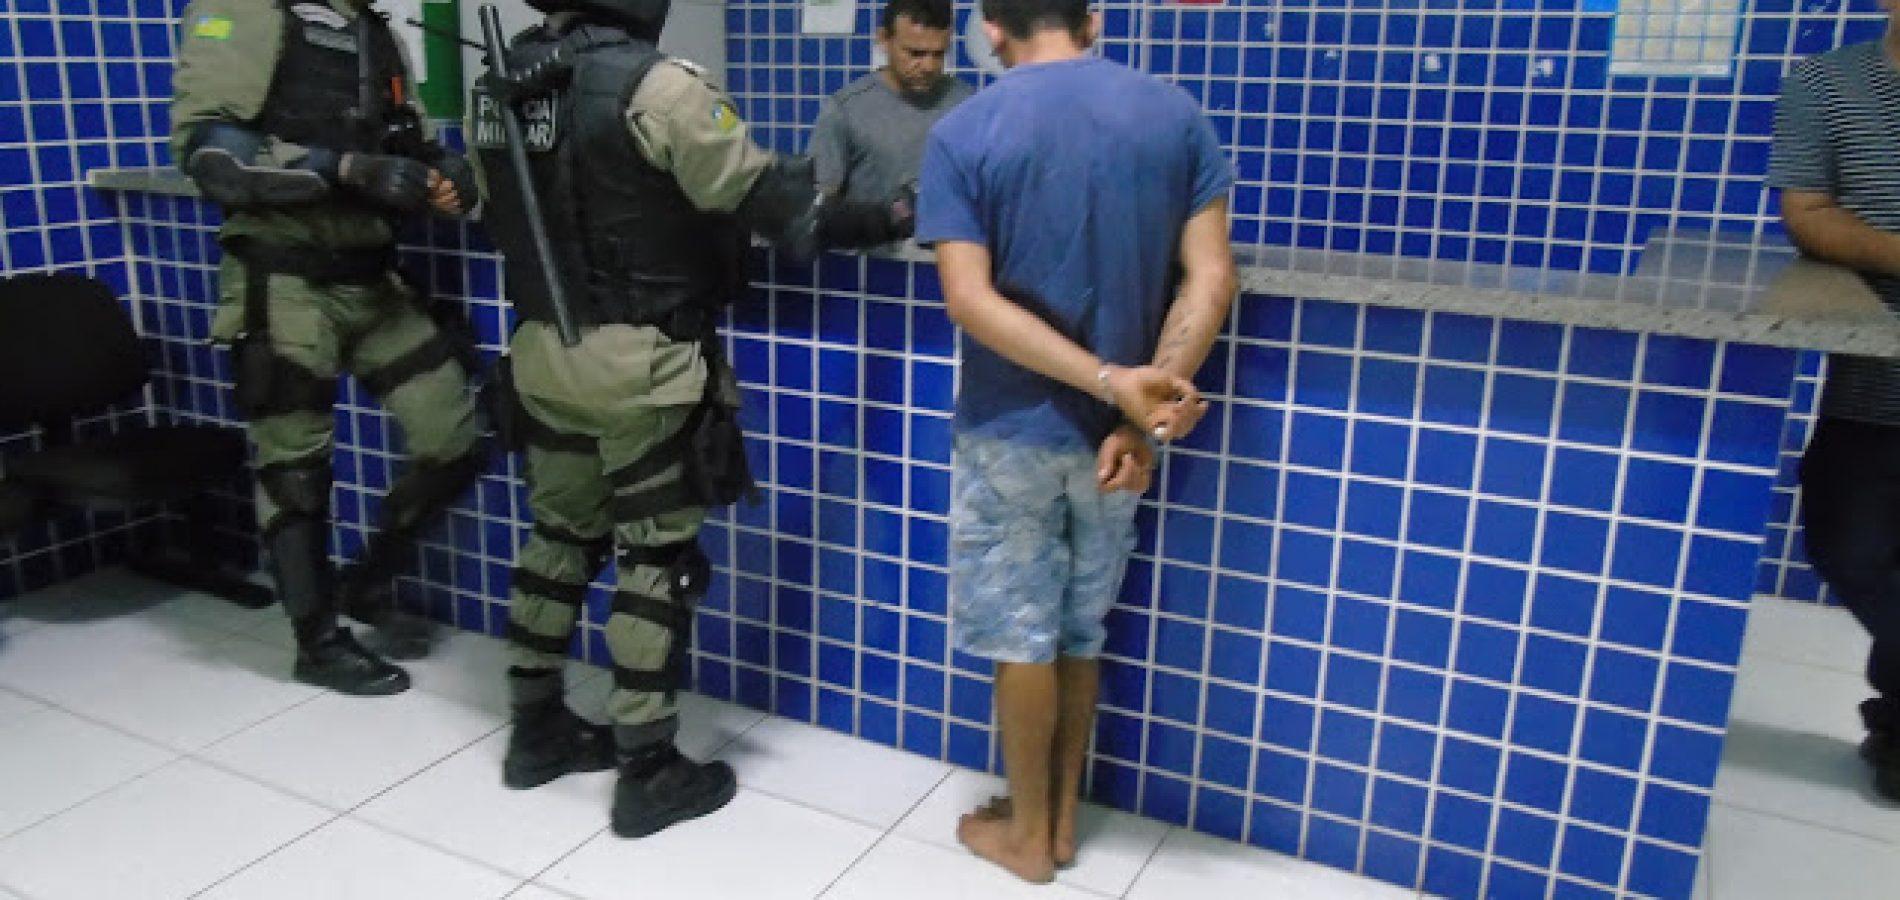 Após abordagem policial, suspeito tenta fugir e acaba preso no Piauí